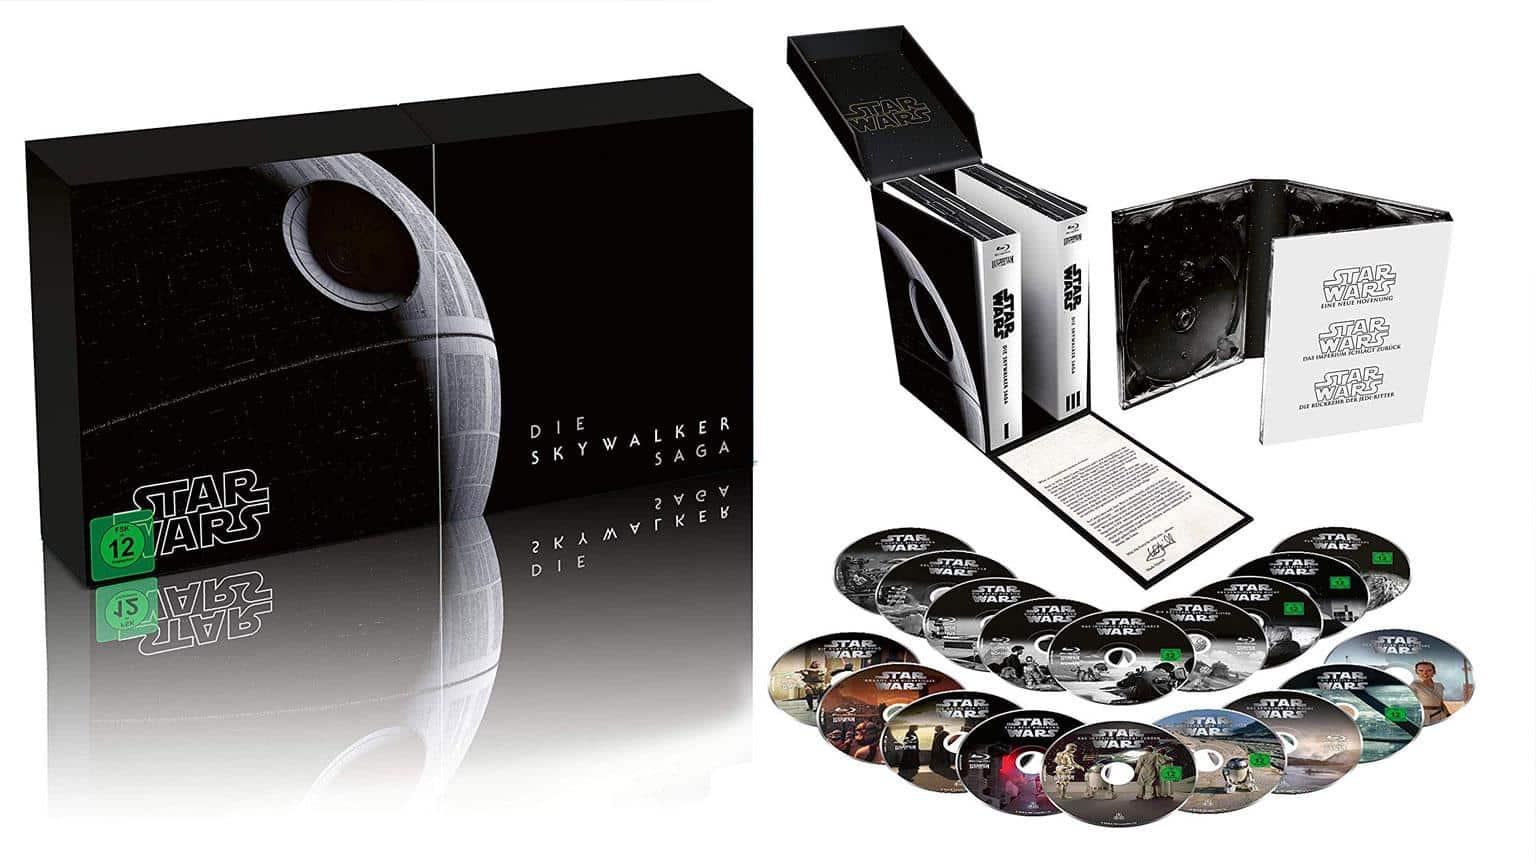 Star Wars 1 - 9 - Die Skywalker Saga Blu-ray Gesamtbox Edition shop kaufen 4K UHD Artikelbild